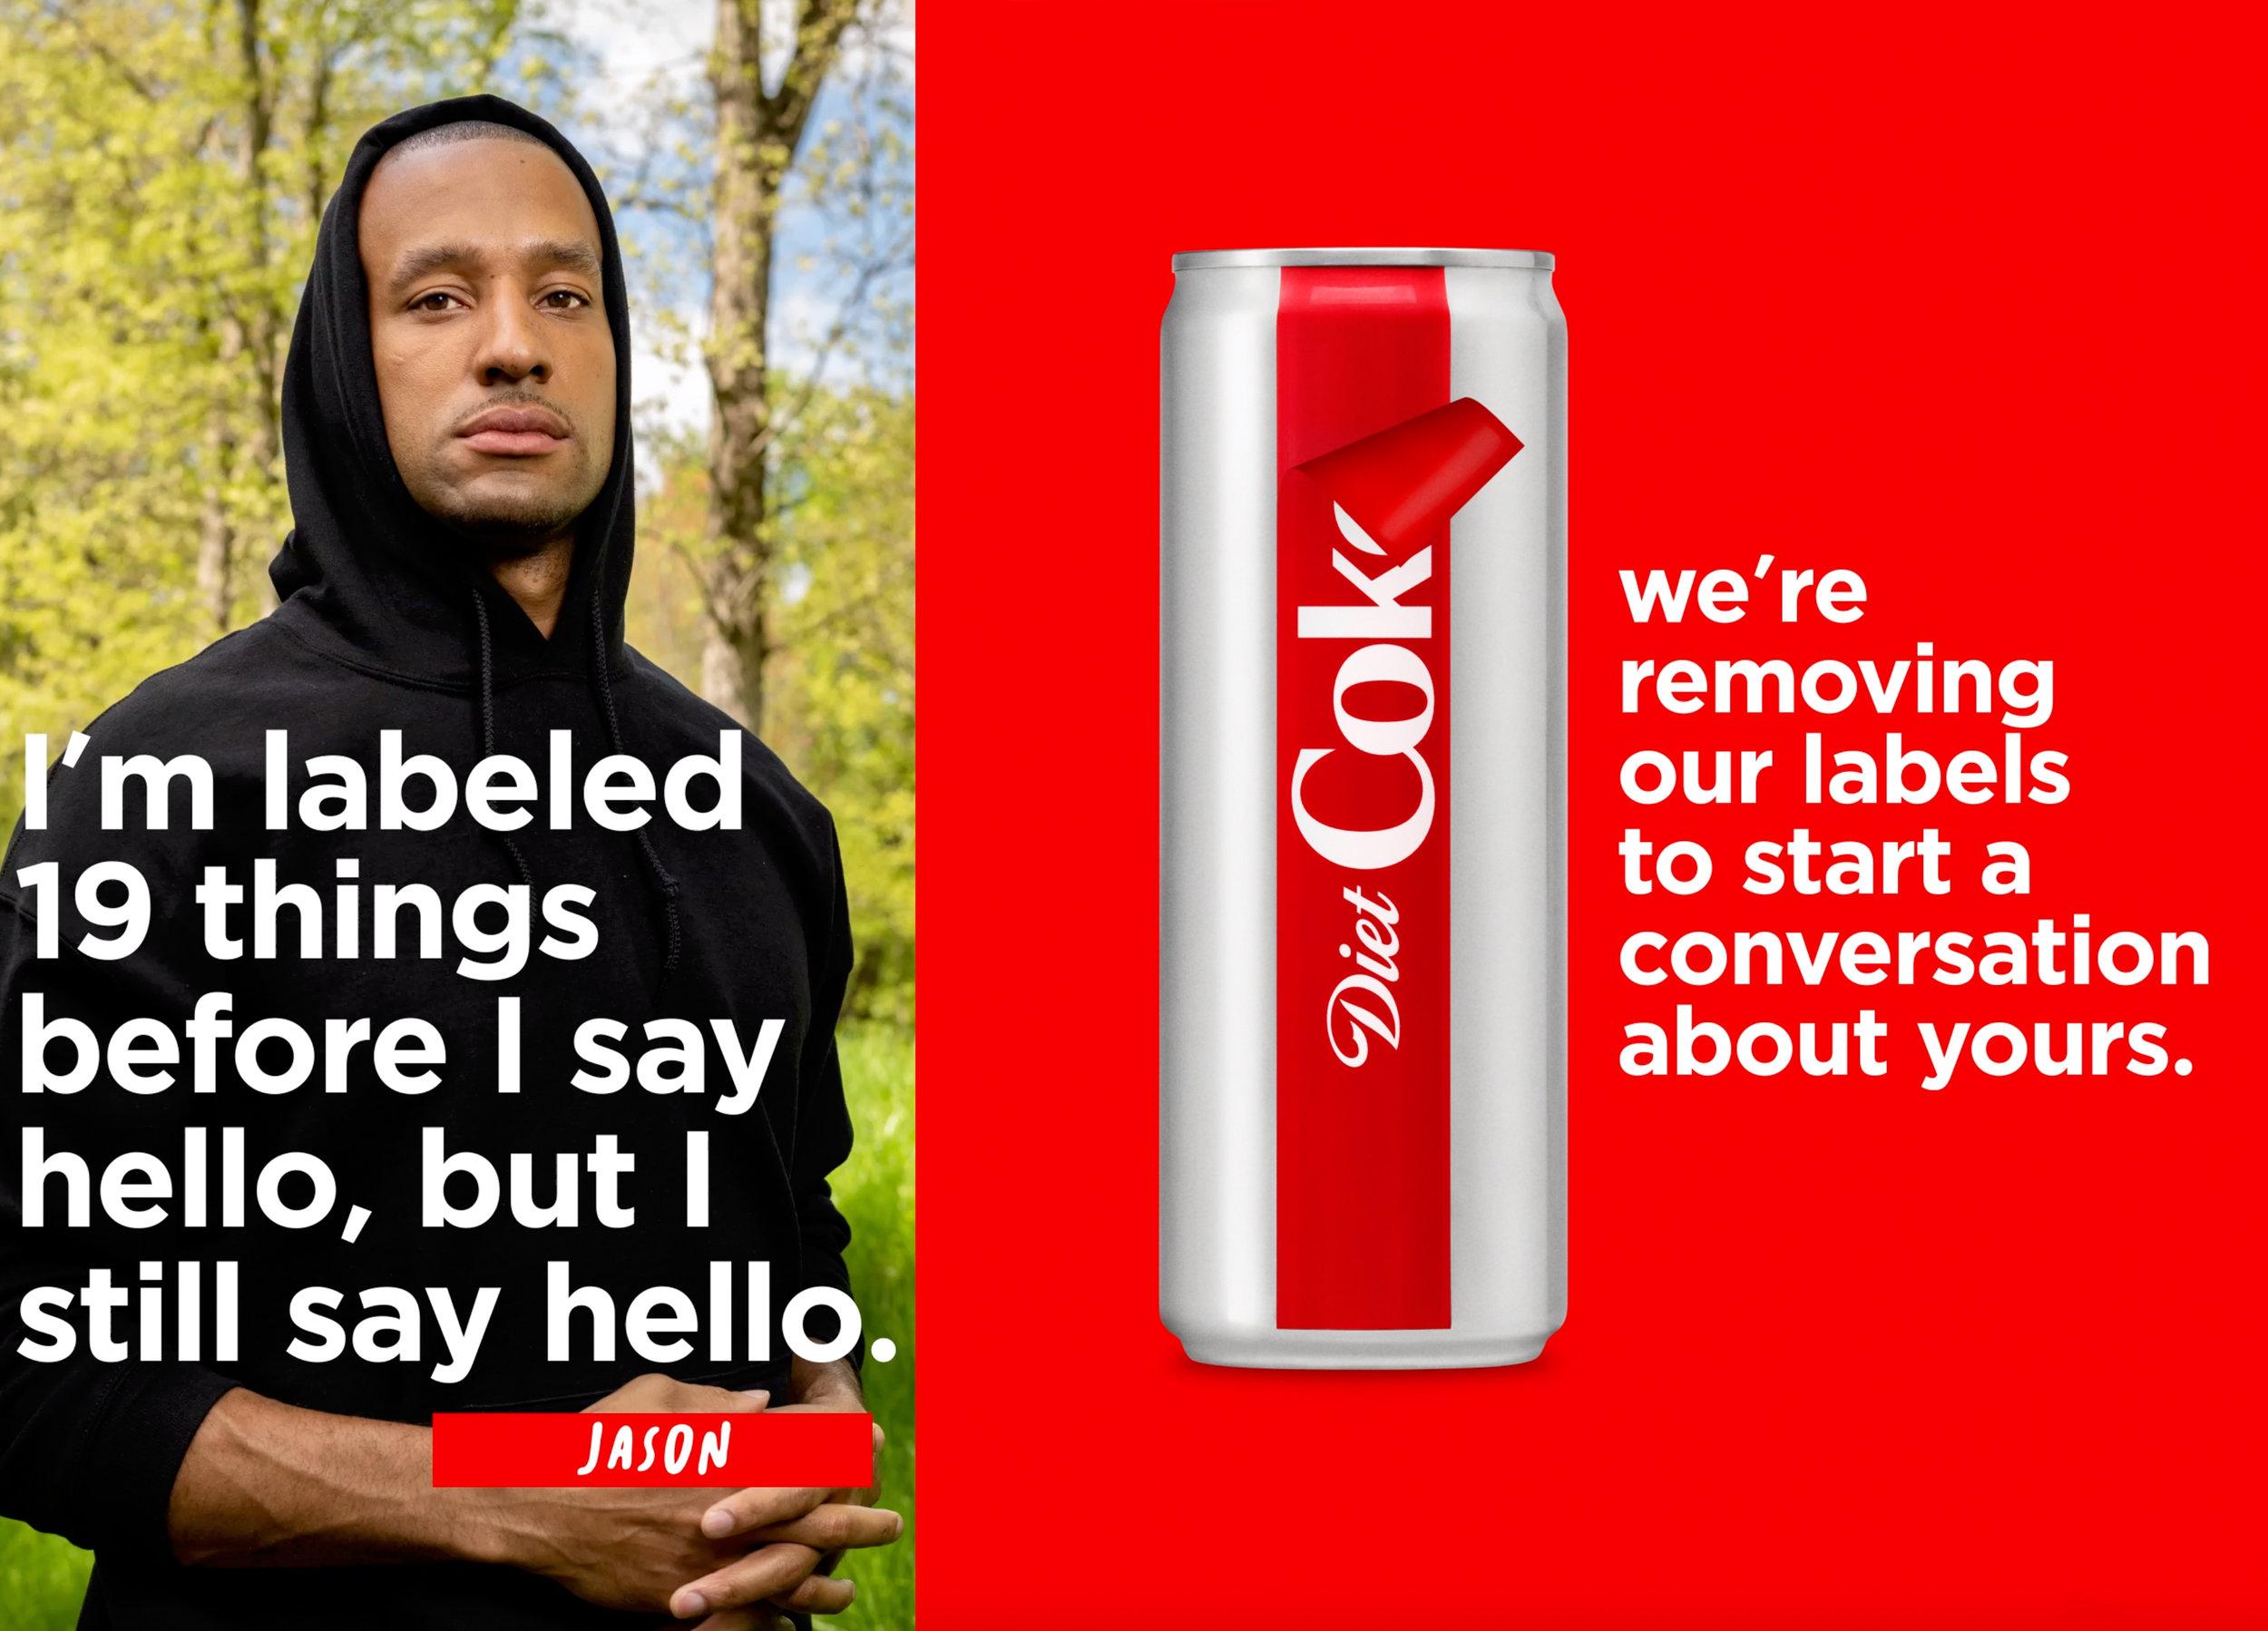 Jason / Diet Coke